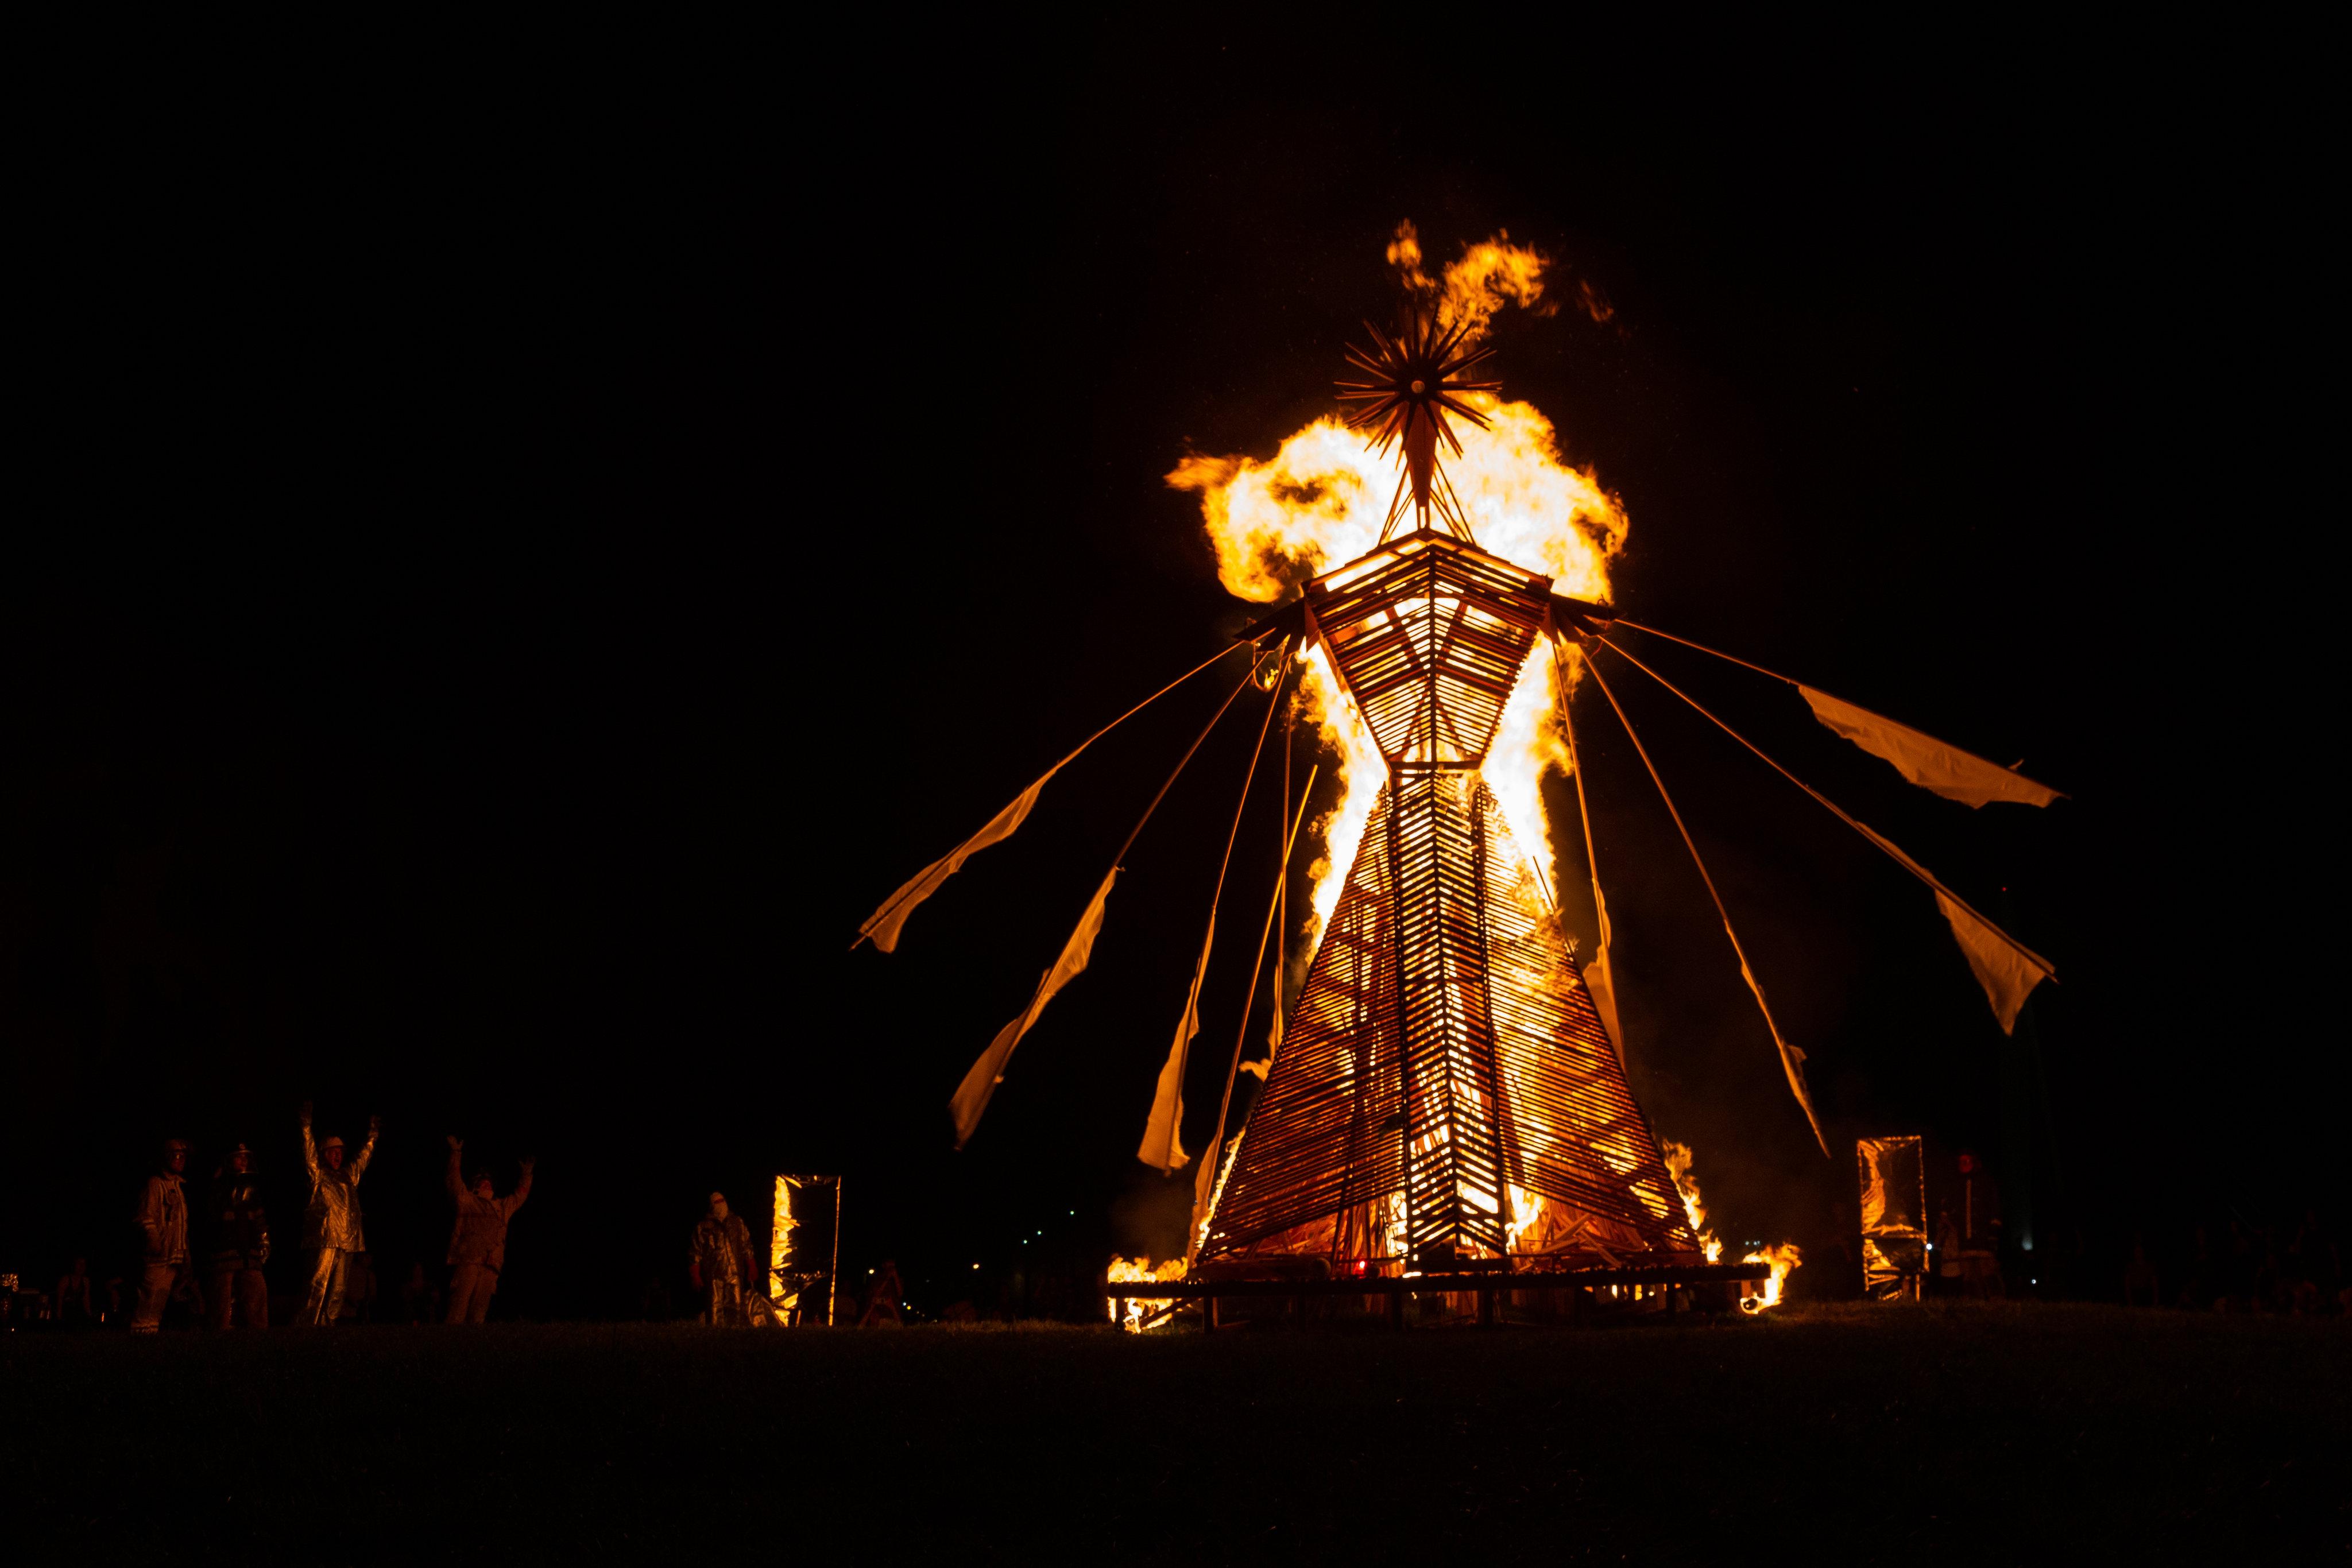 07 Arctica Burning 10 Oct 21